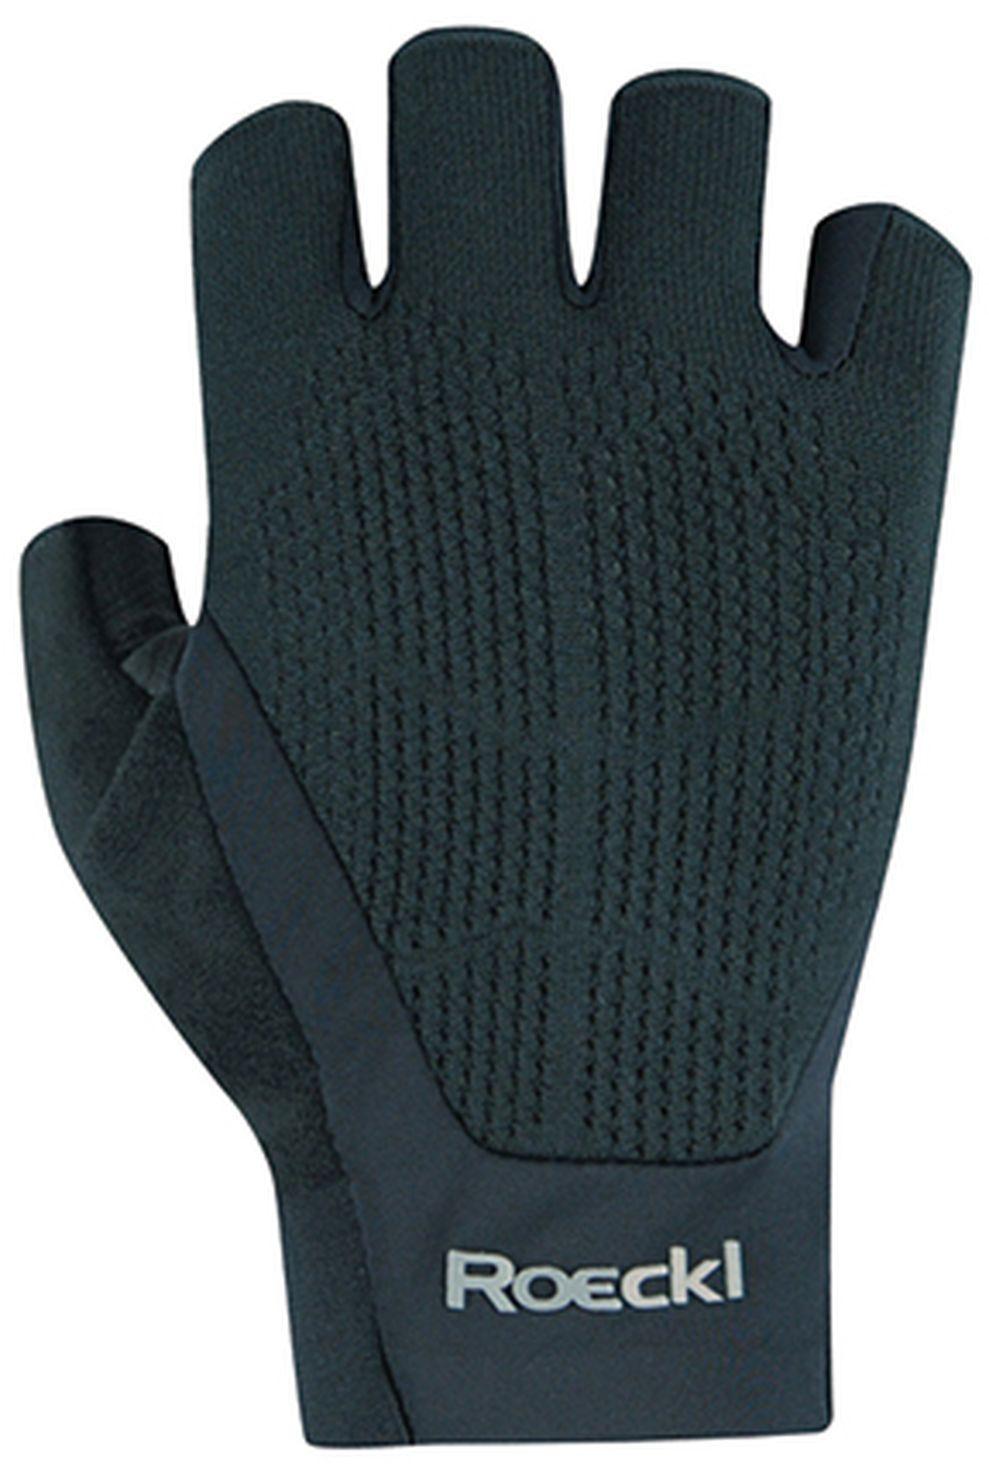 Roeckl Handschoen Icon voor heren - Zwart - Maten: 6, 7, 8, 9, 10, 11